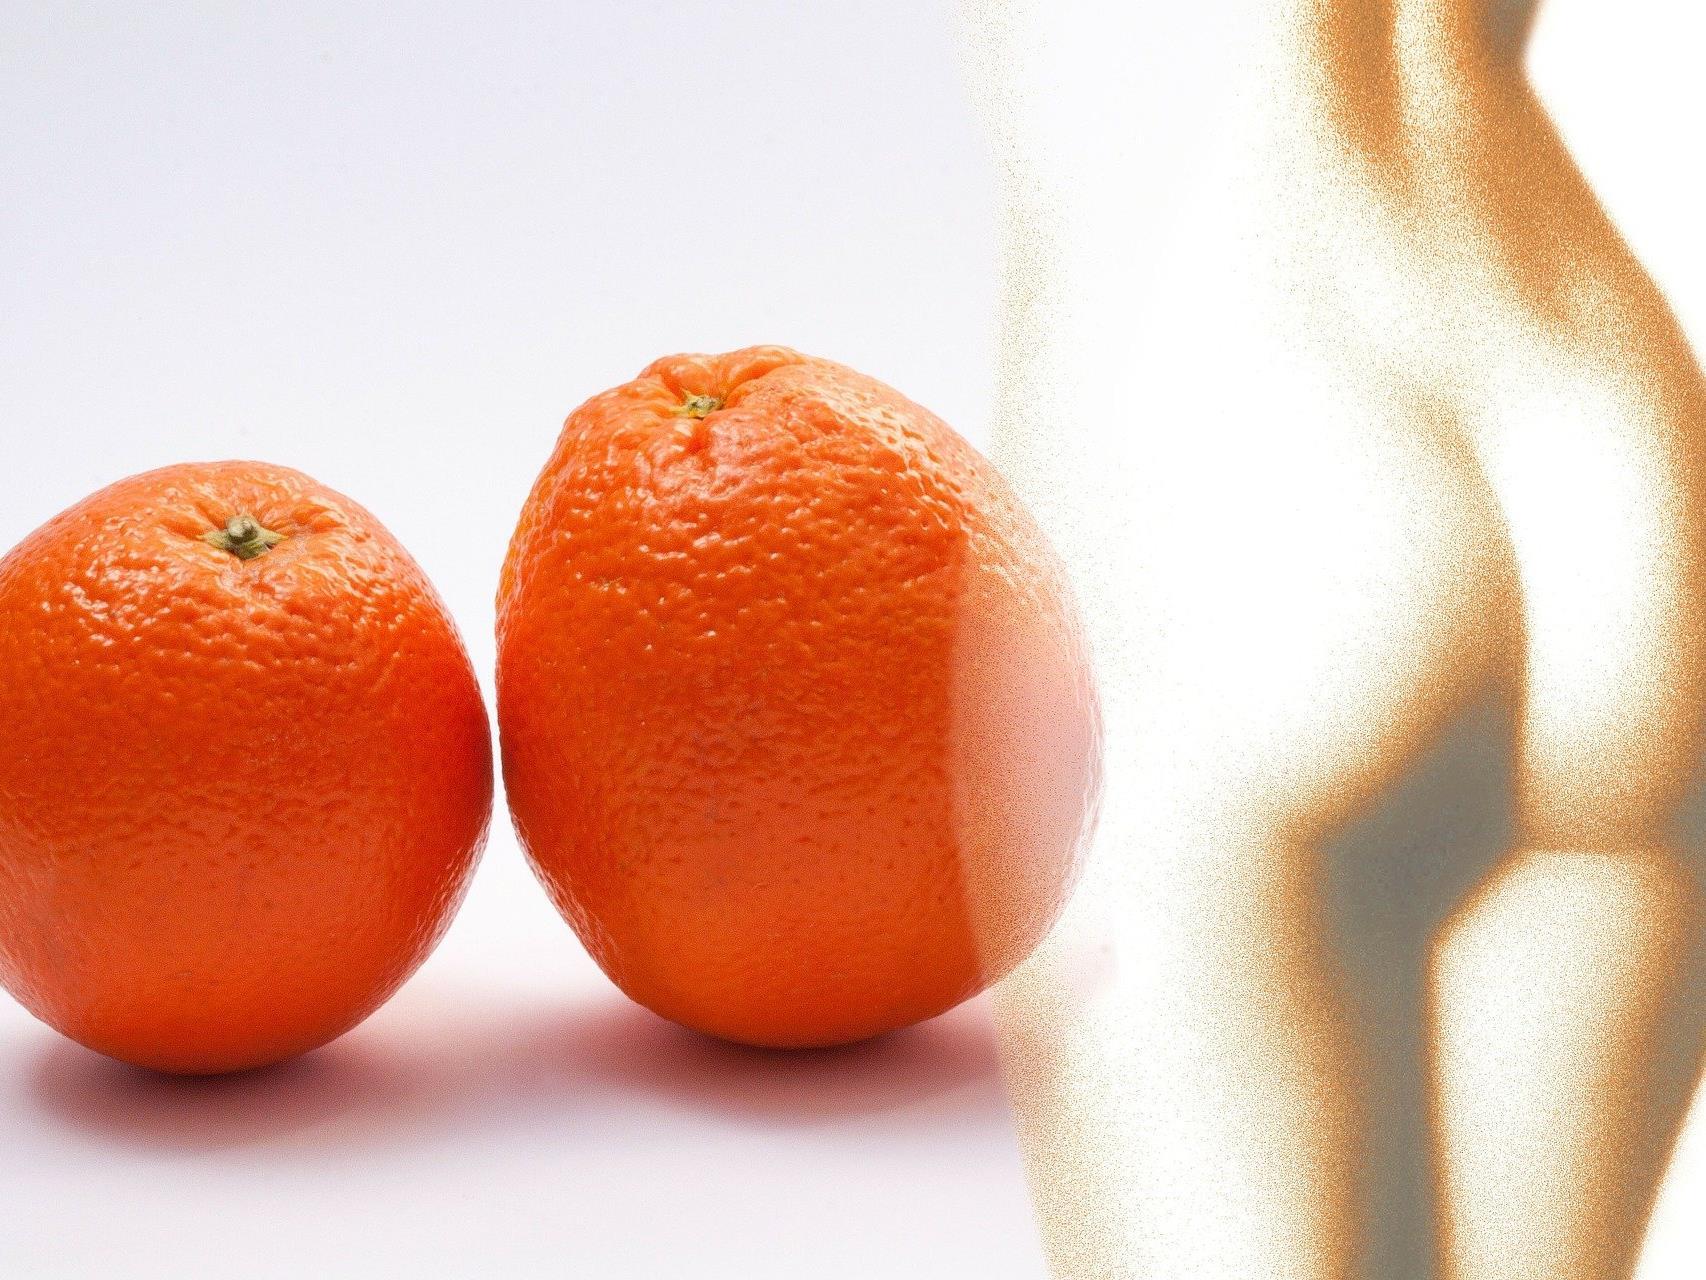 Es werden Produkte für zu Hause angeboten, die gegen Orangenhaut helfen sollen.